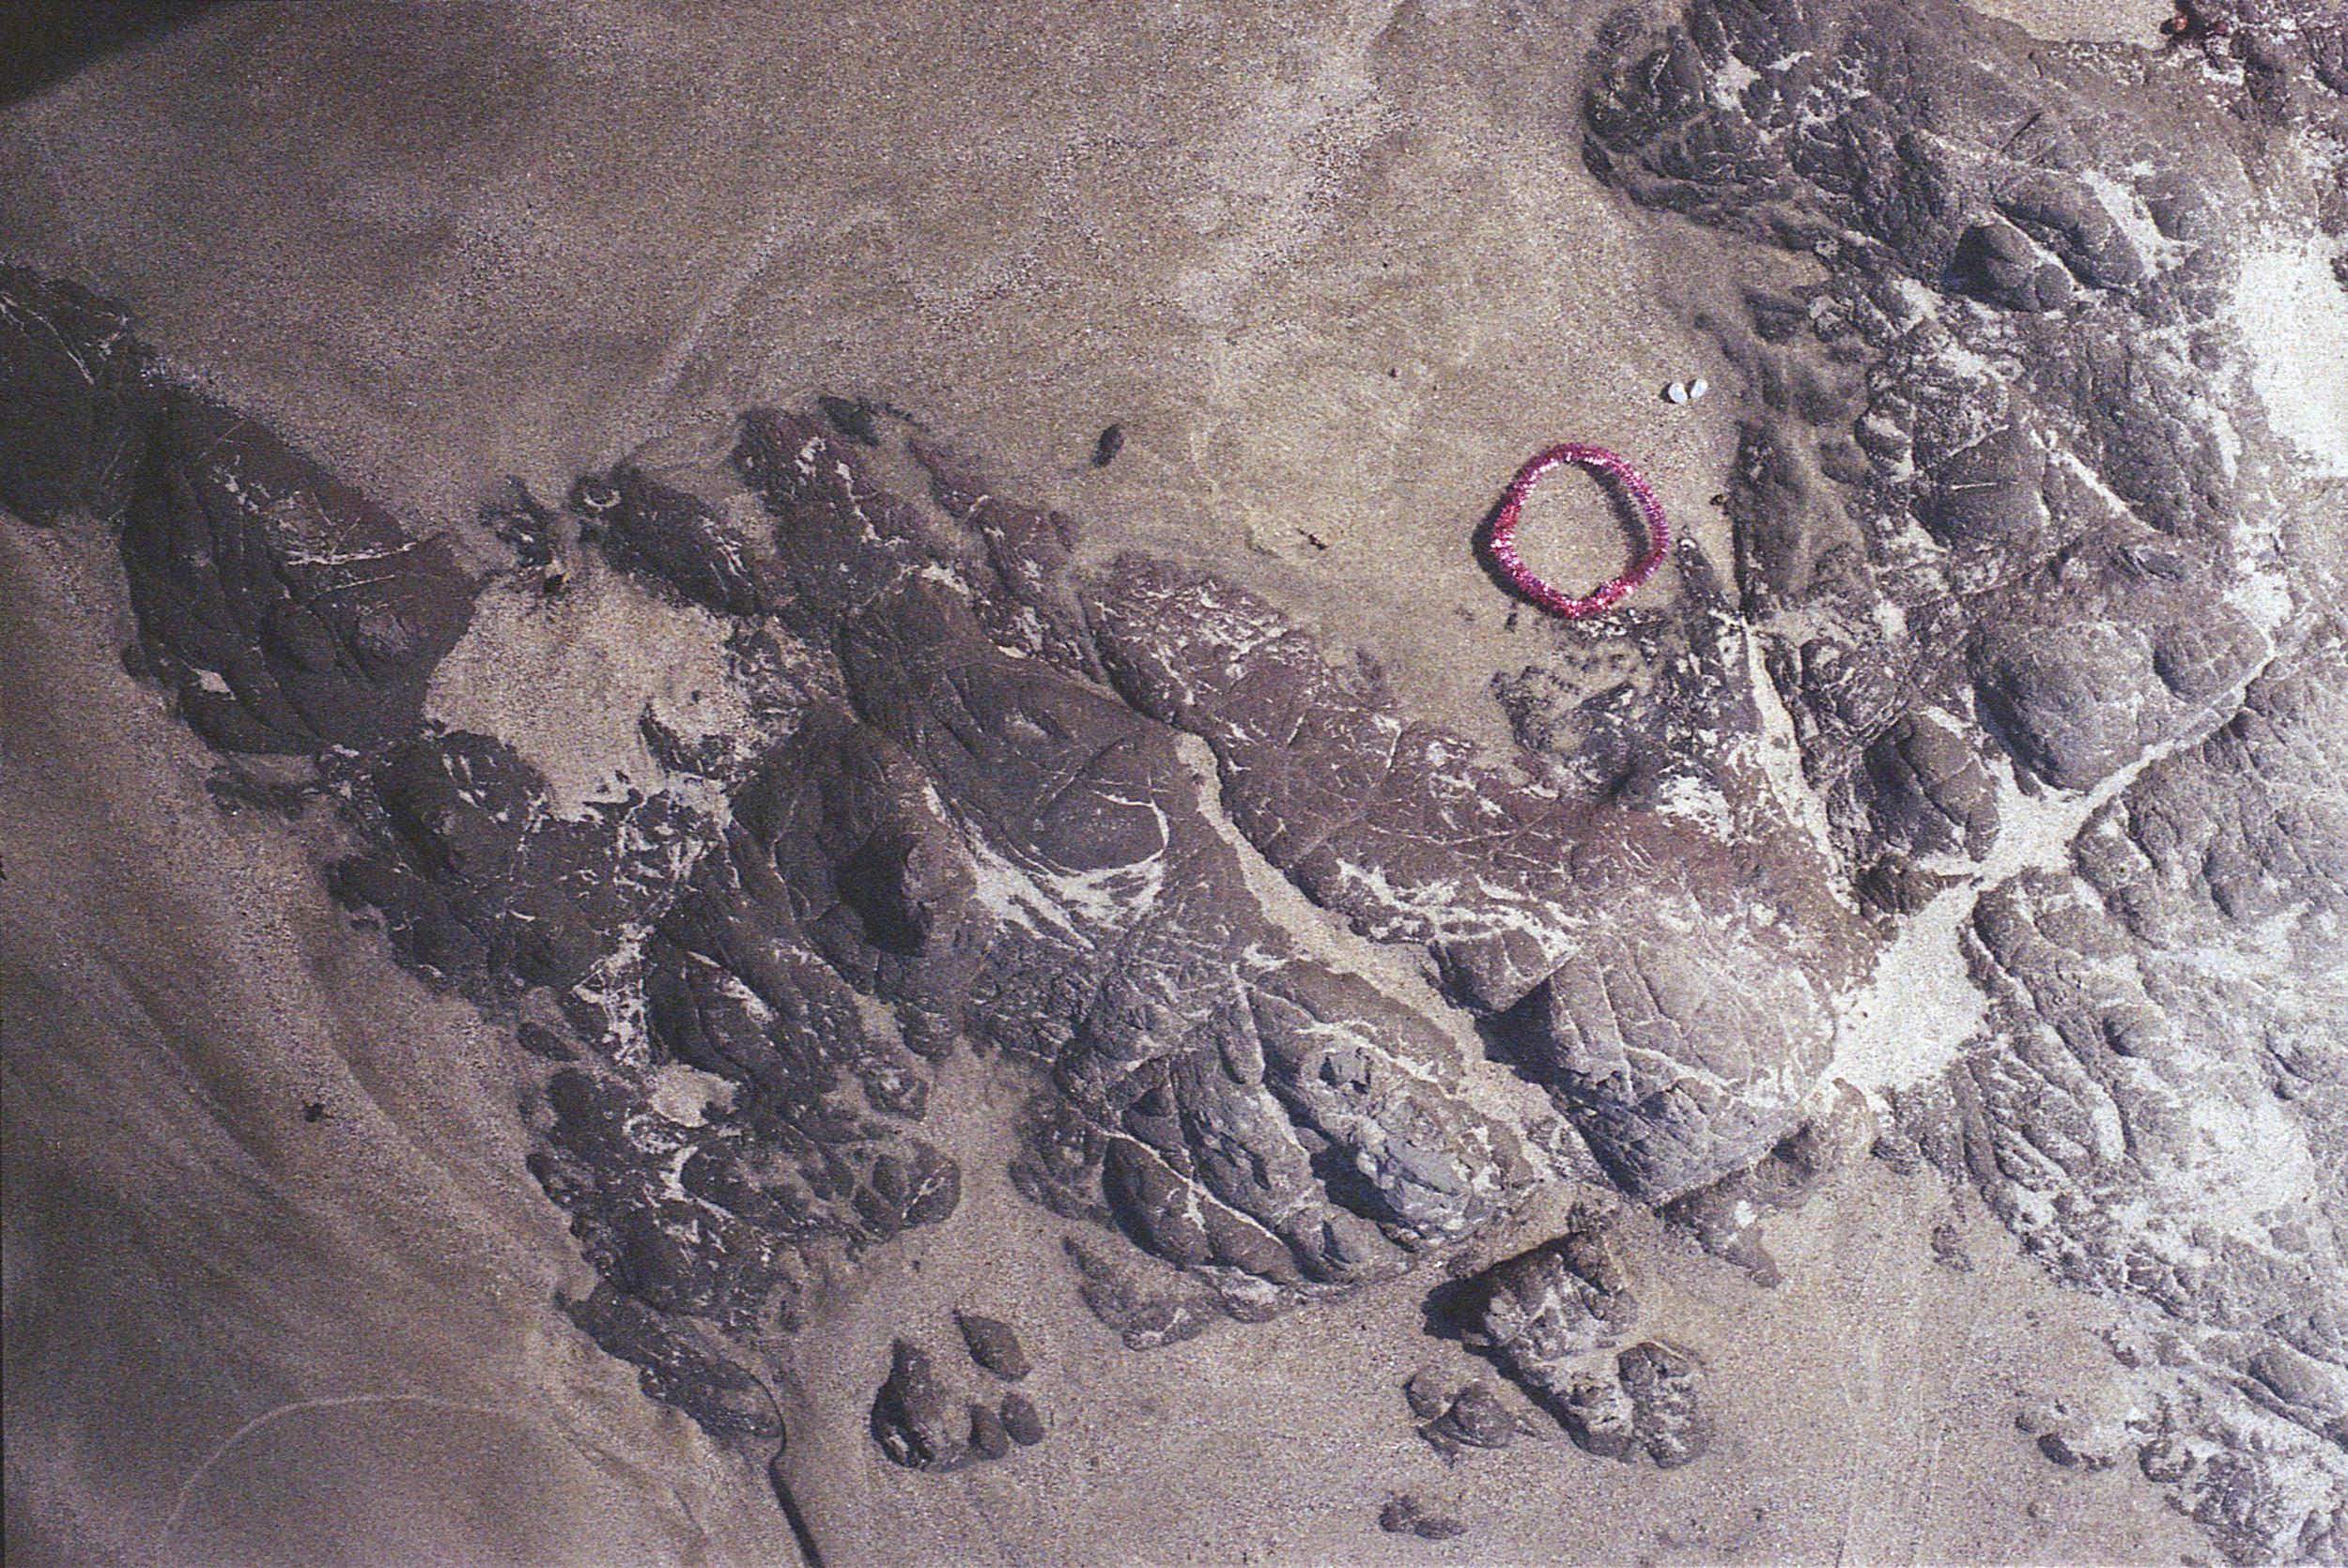 glitzerring auf sand und steinen.jpg